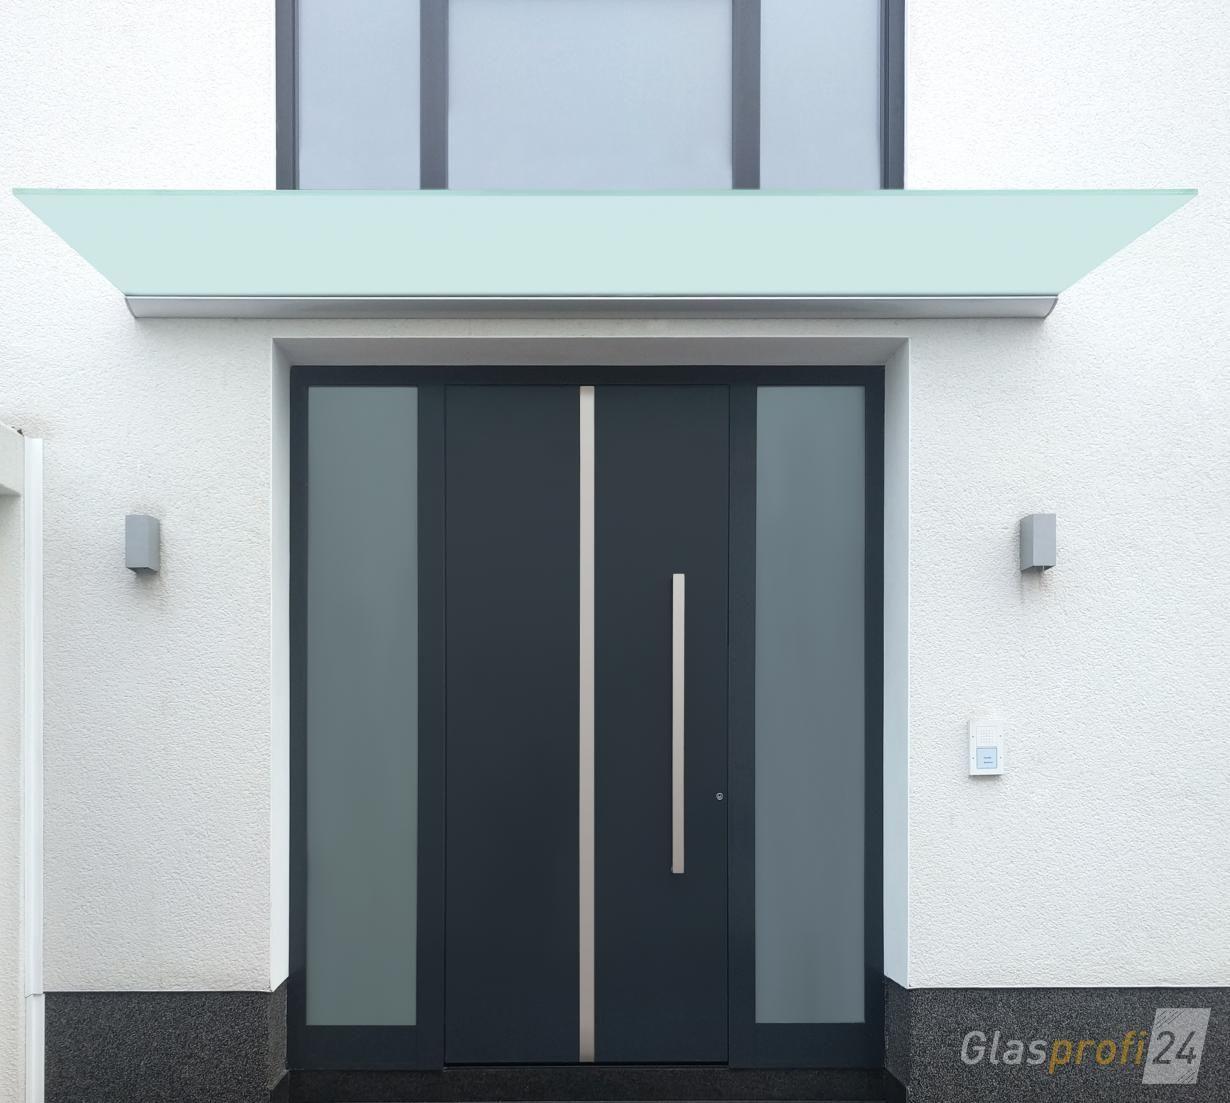 Geräumig Eingangsüberdachung L Form Dekoration Von Vordach Dura Mit Satiniertem Glas, Sich Optimal